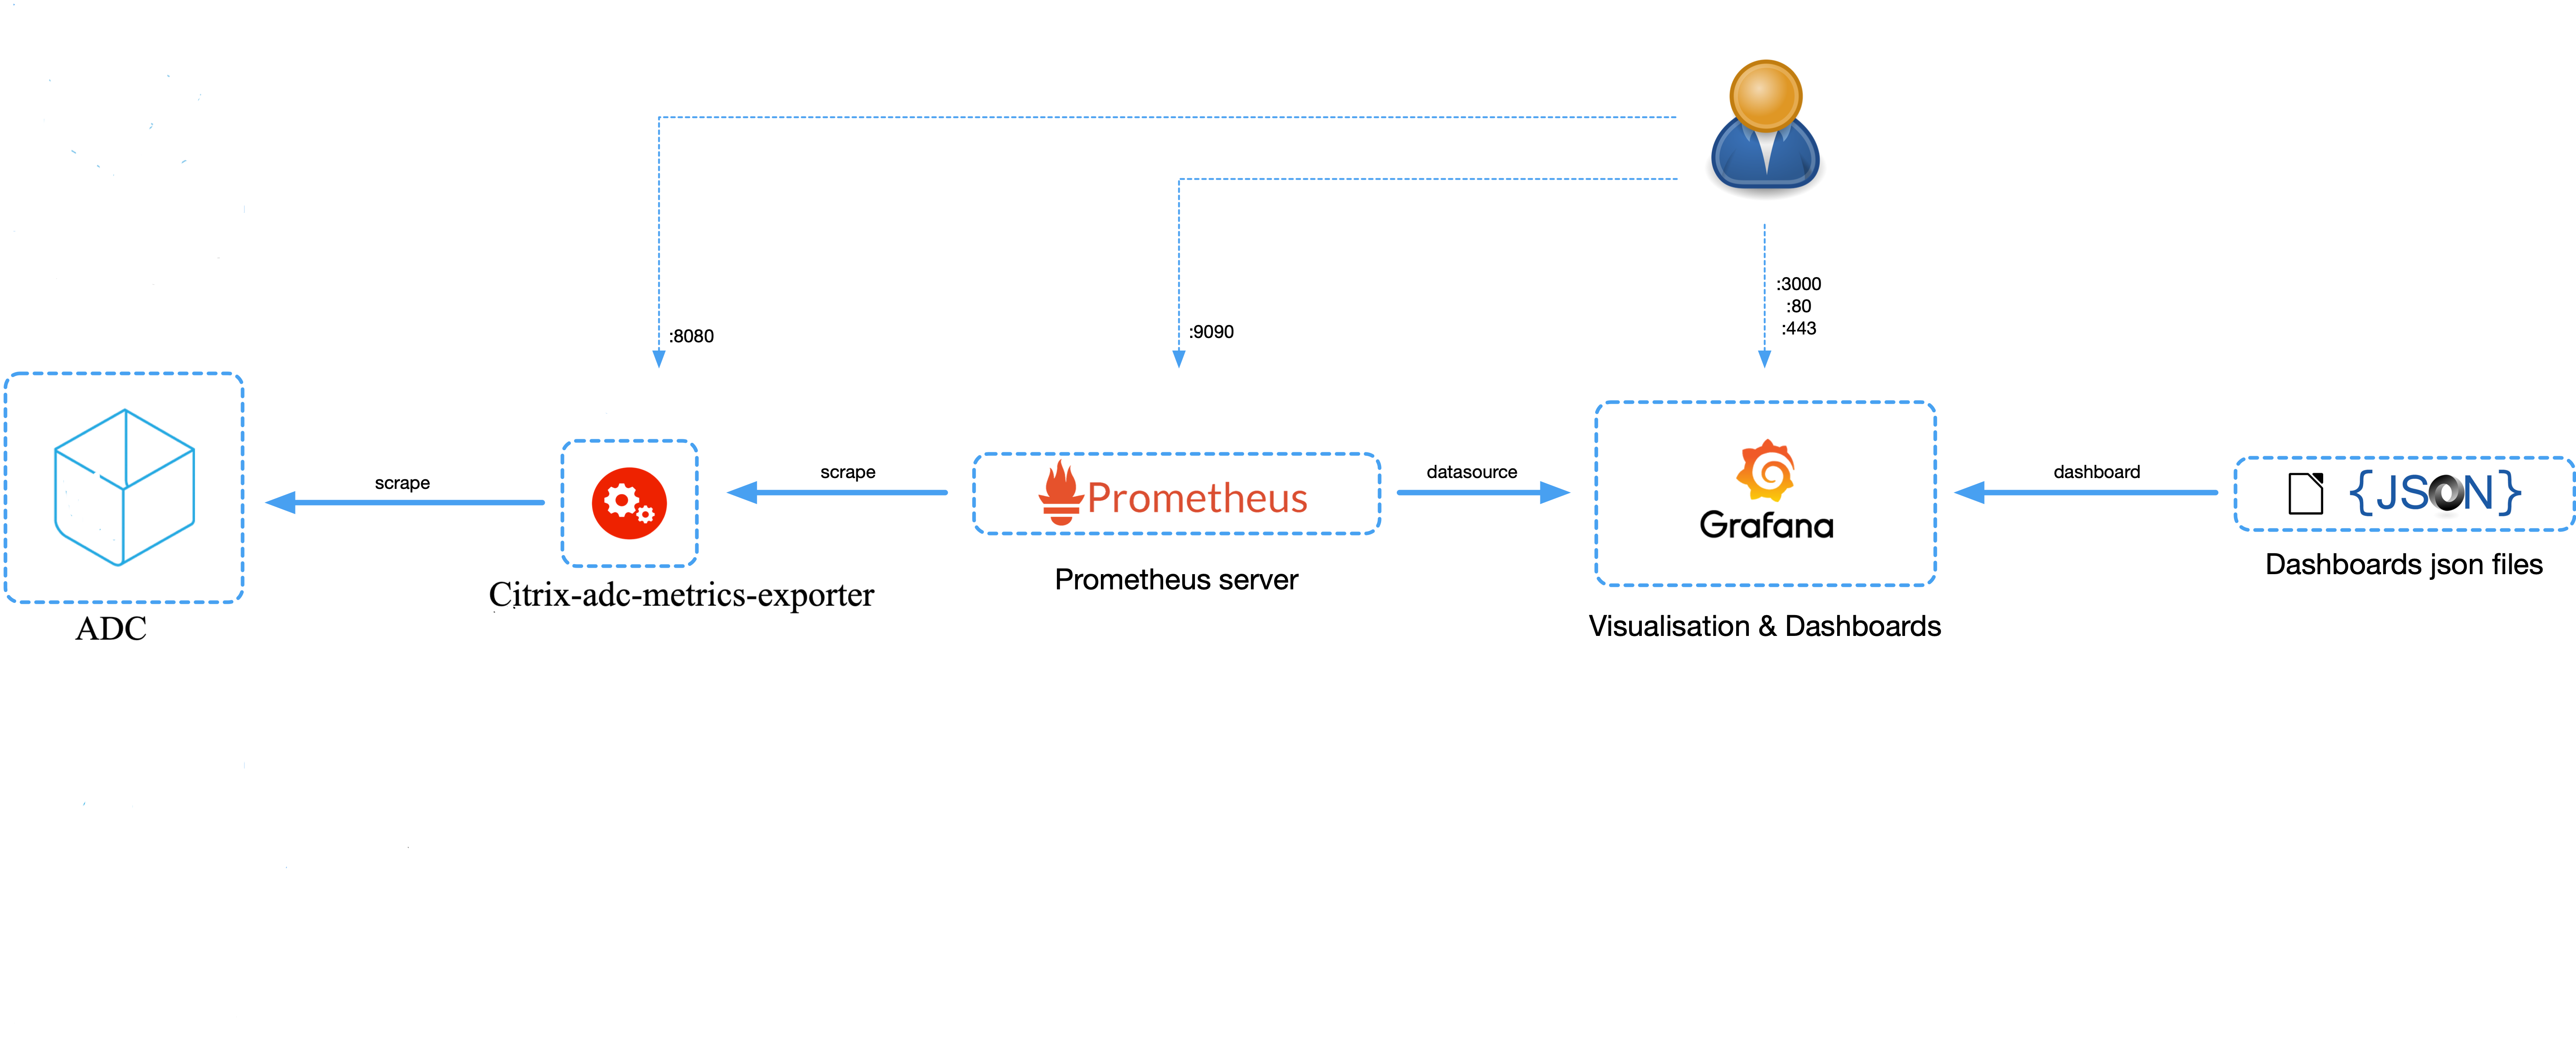 exporter_diagram